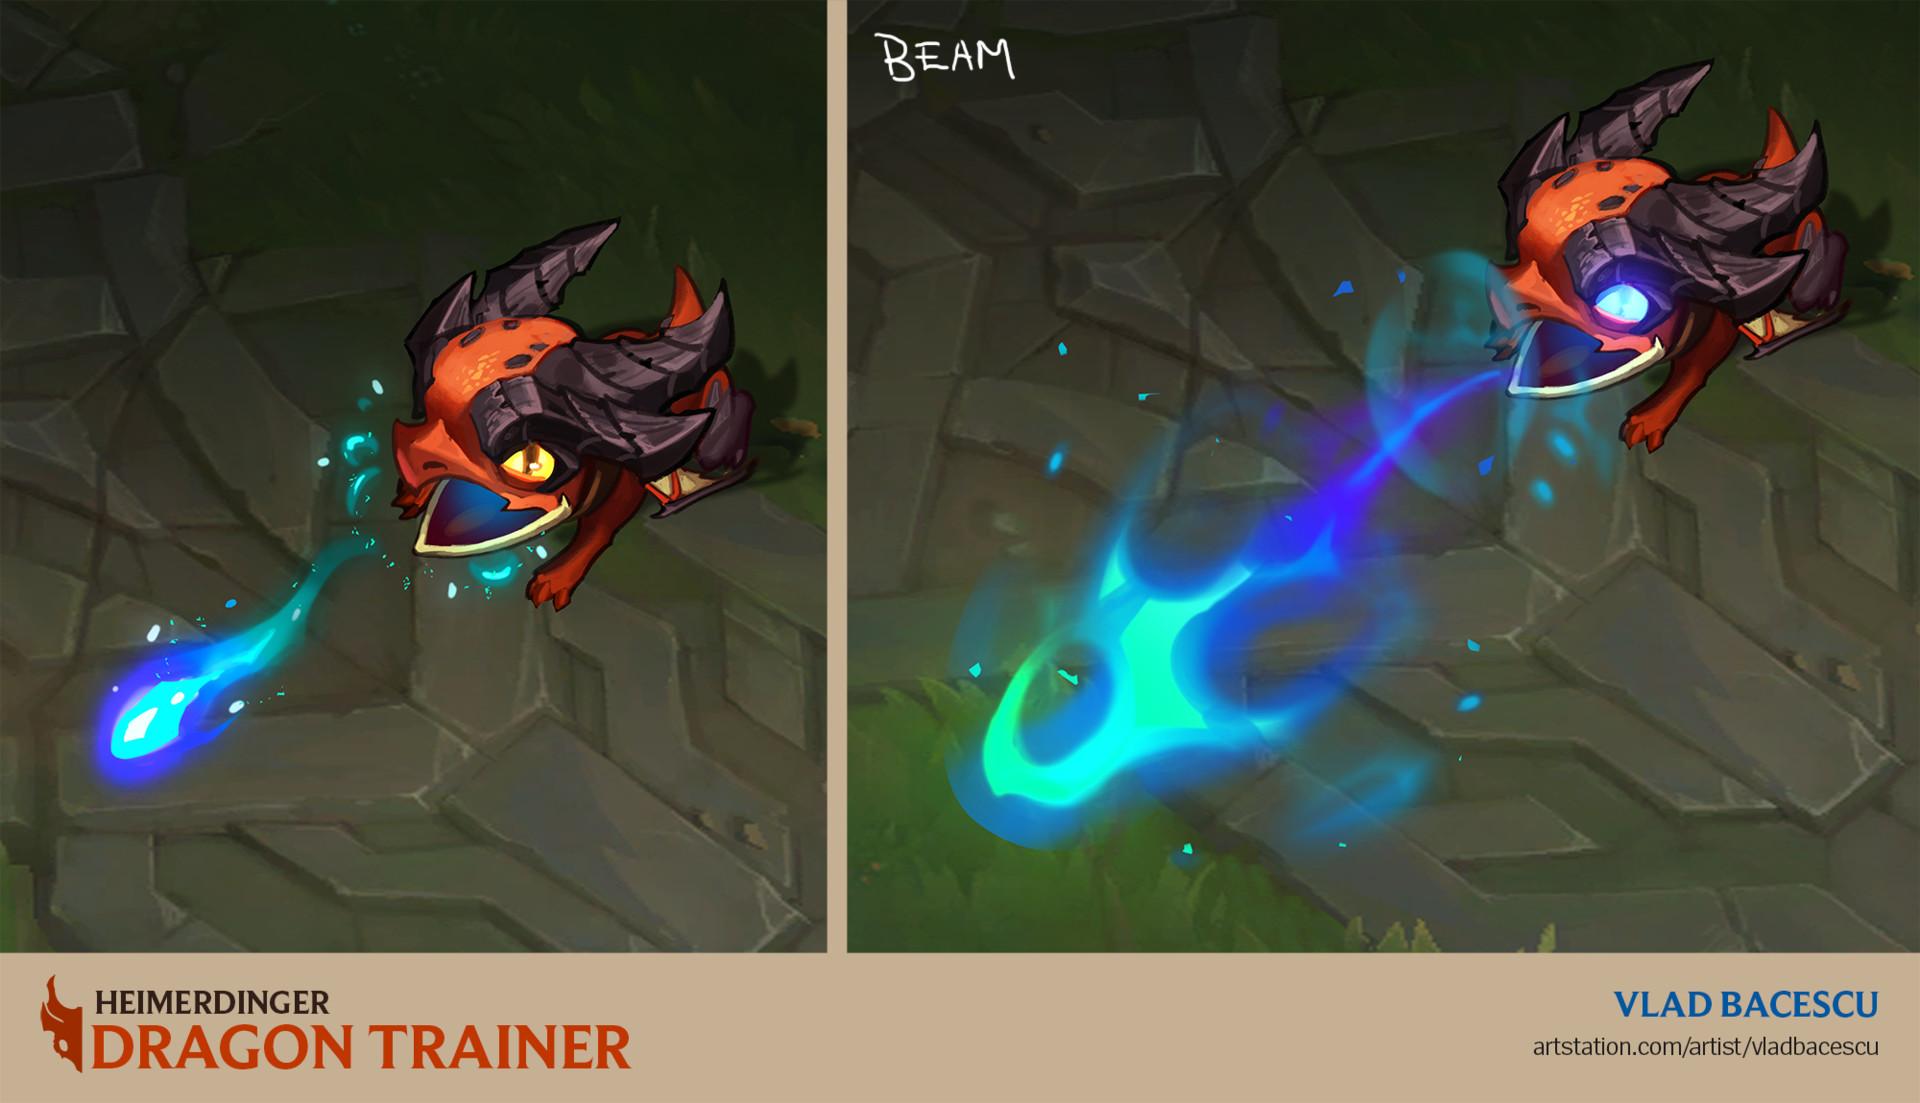 dragon trainer heimerdinger